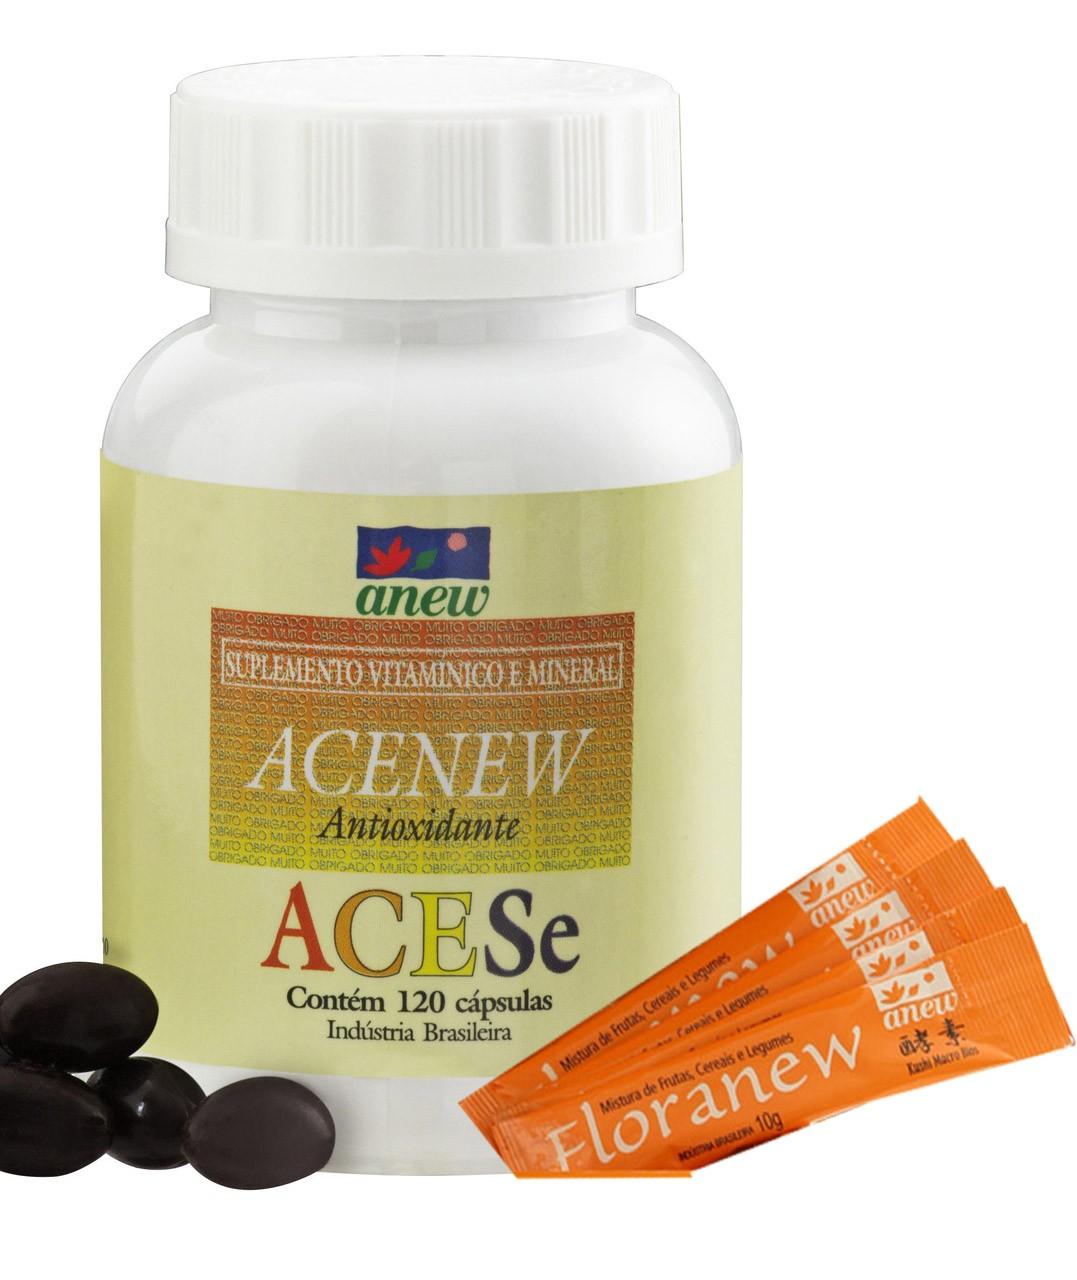 Vitamina C + A + E + Selenio: Acenew 120 Cps + Floranew (4 Amostras Grátis)